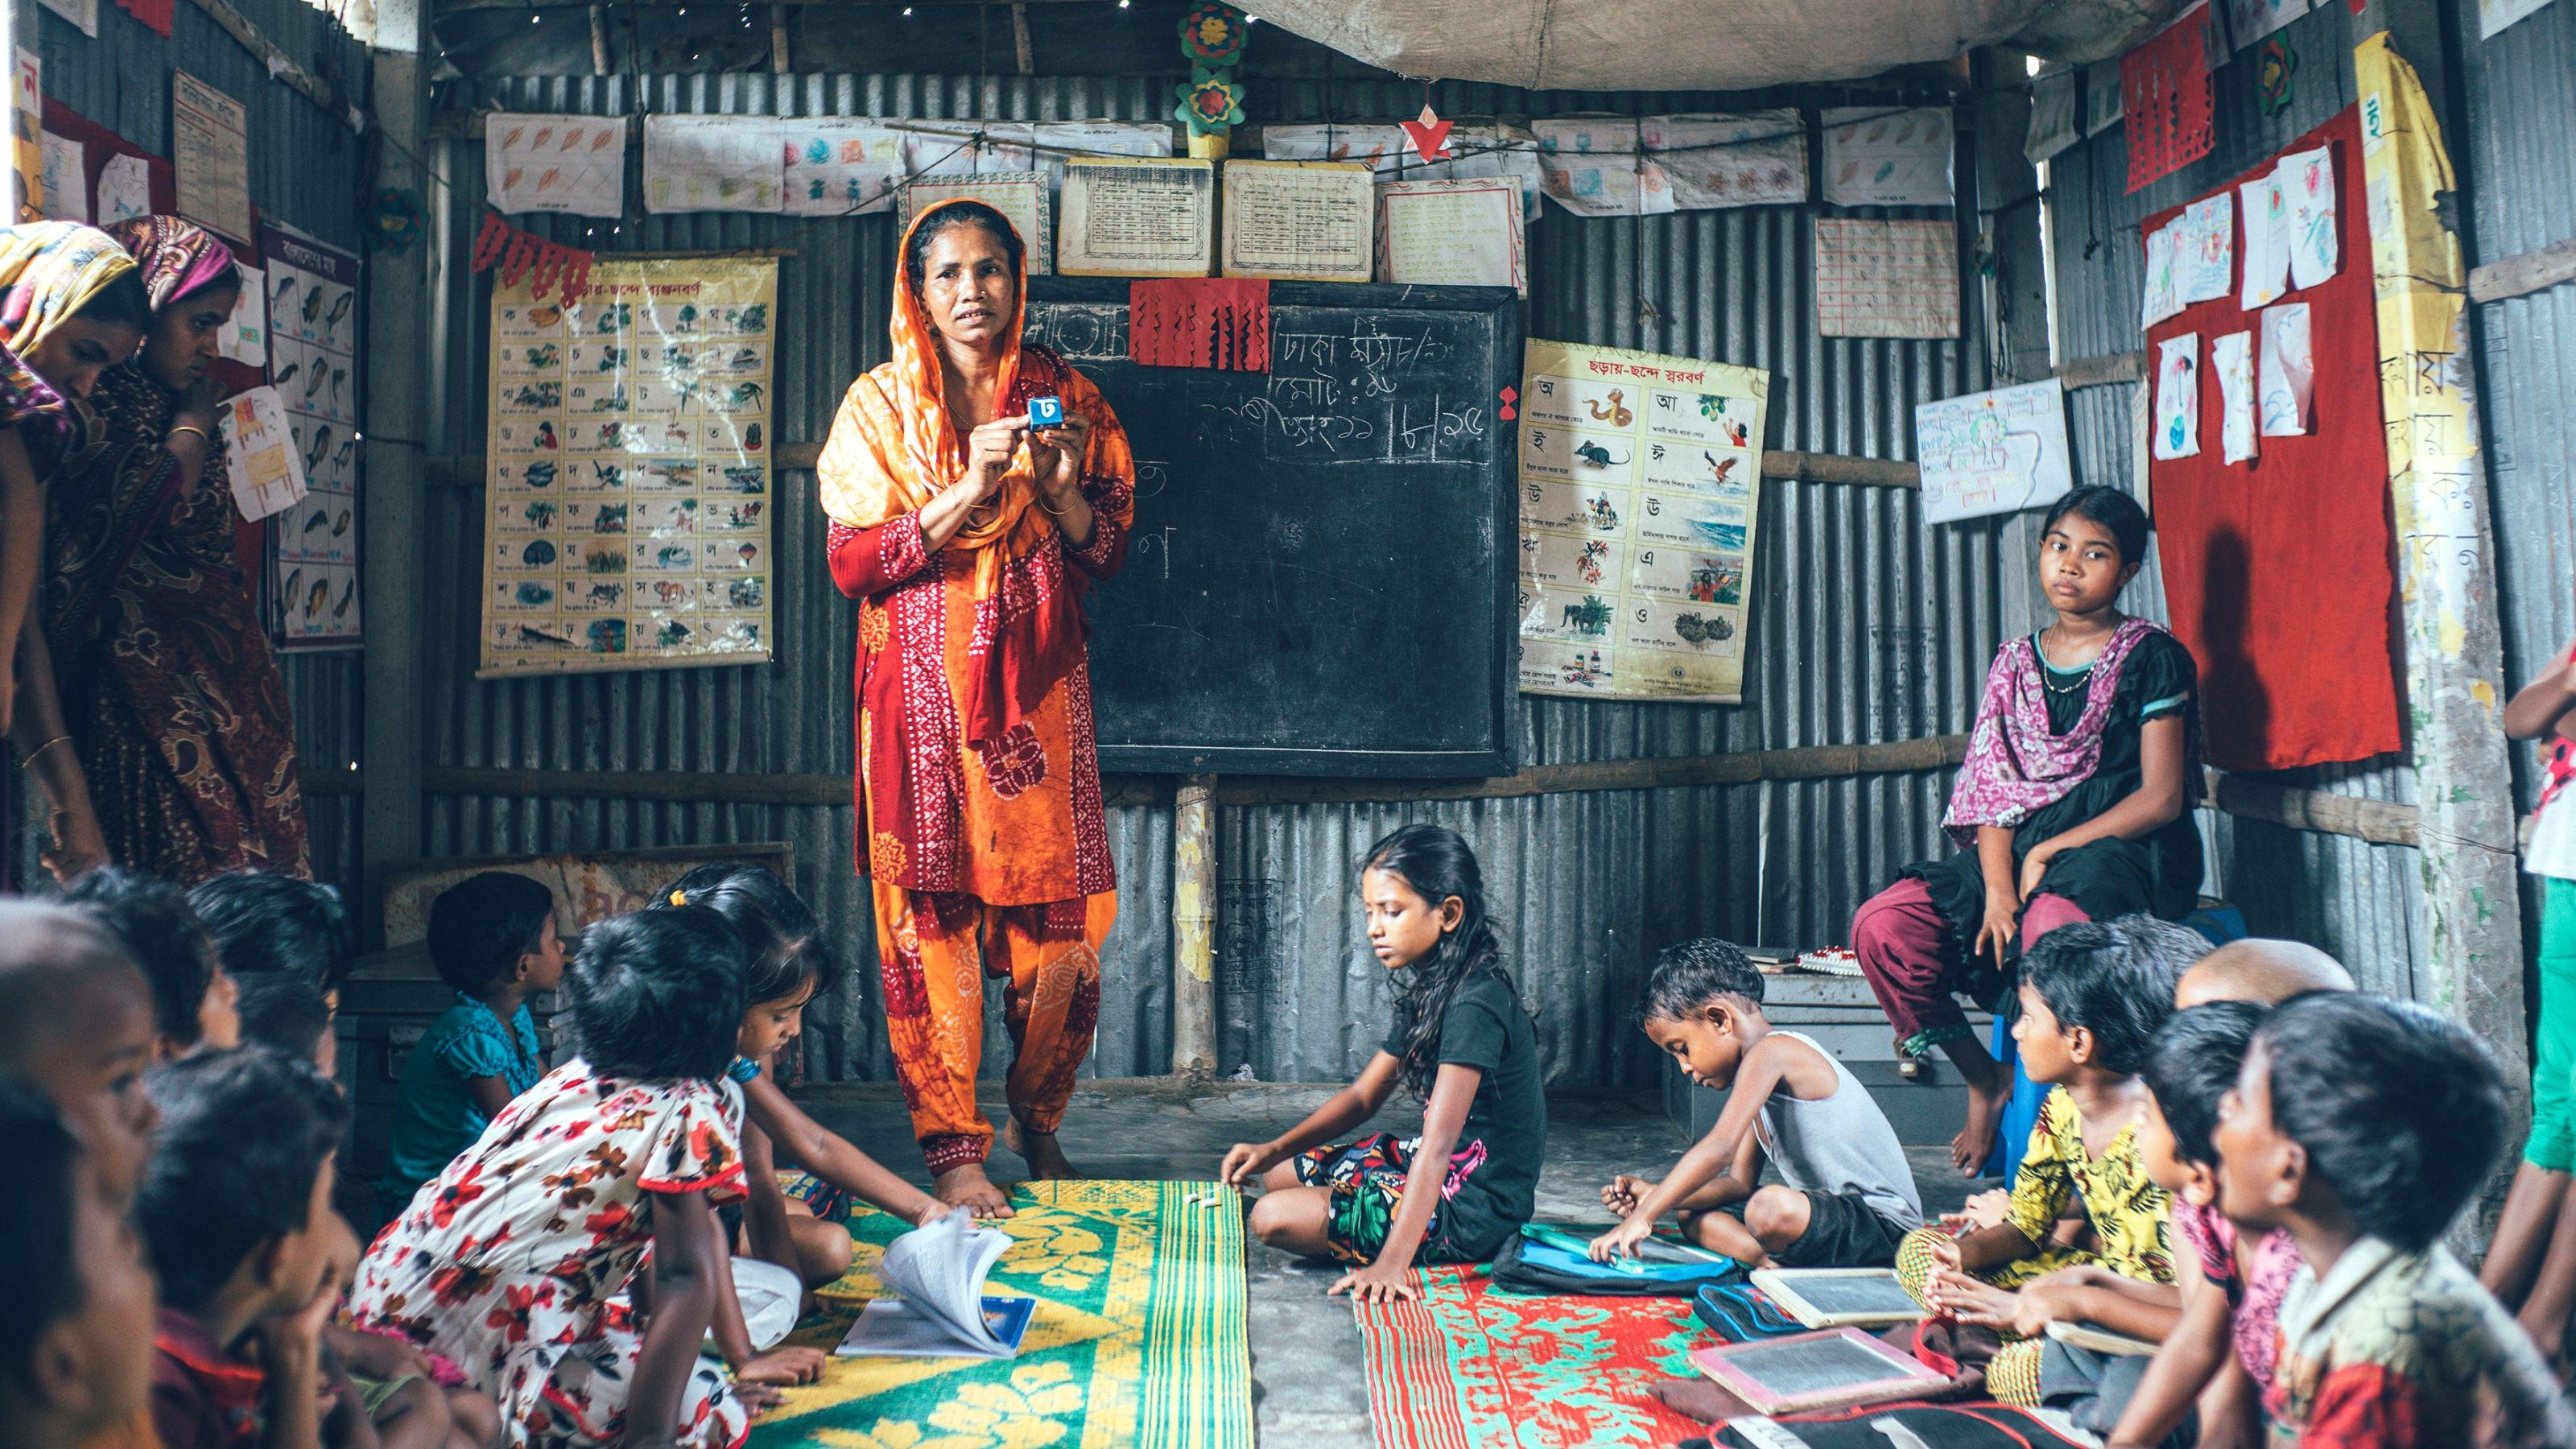 Overskuddet fra Børnenes U-landskalender 2019 går til Bangladesh